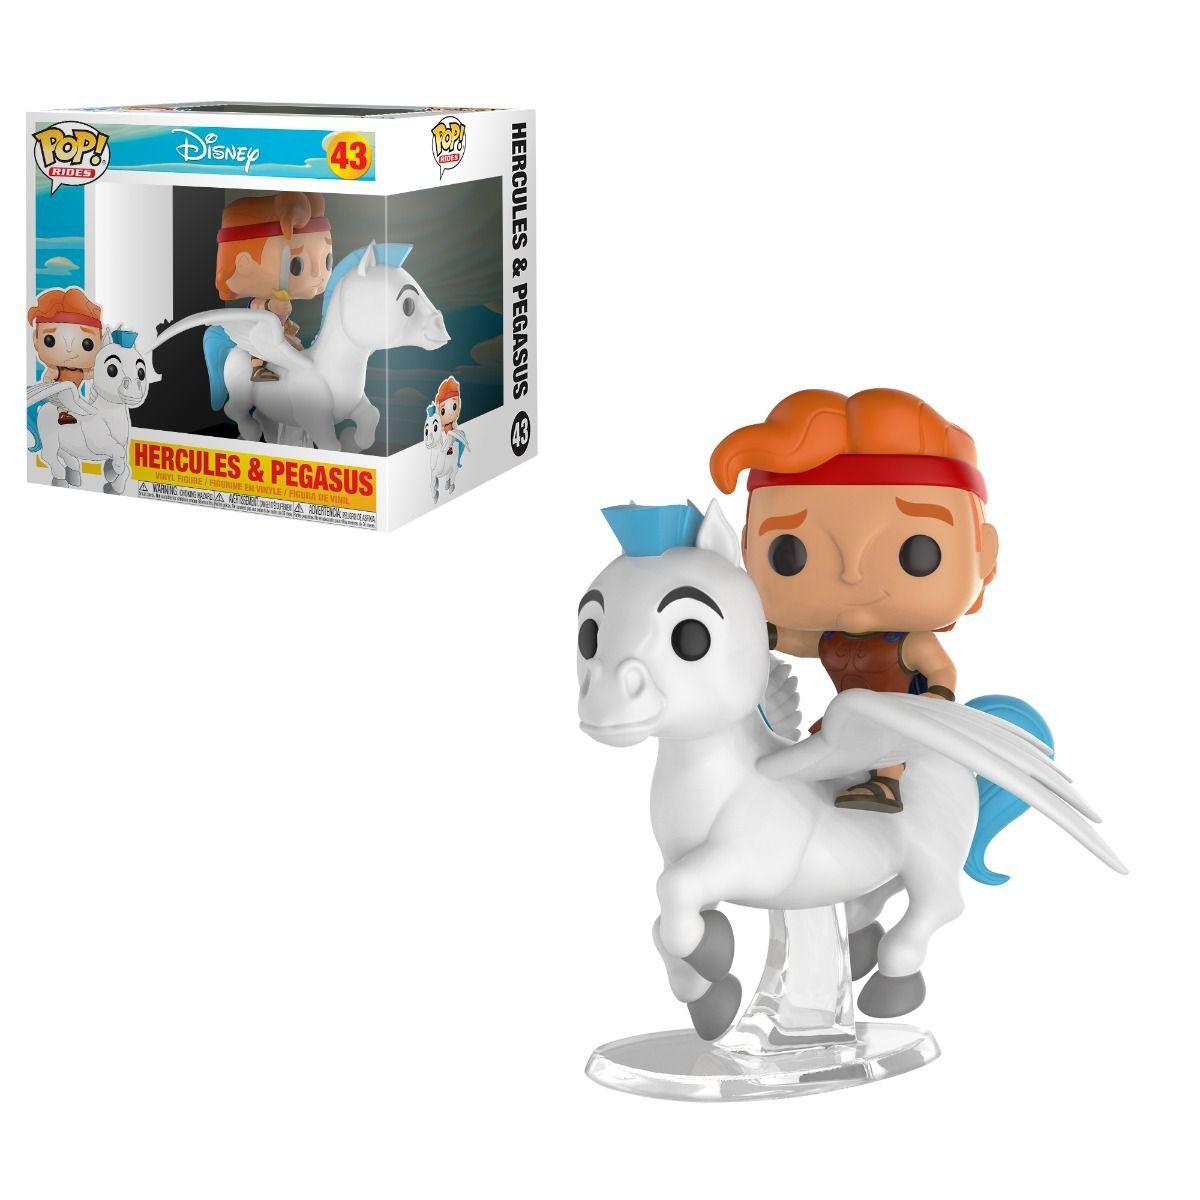 Funko Pop Disney Hercules - Hercules & Pegasus